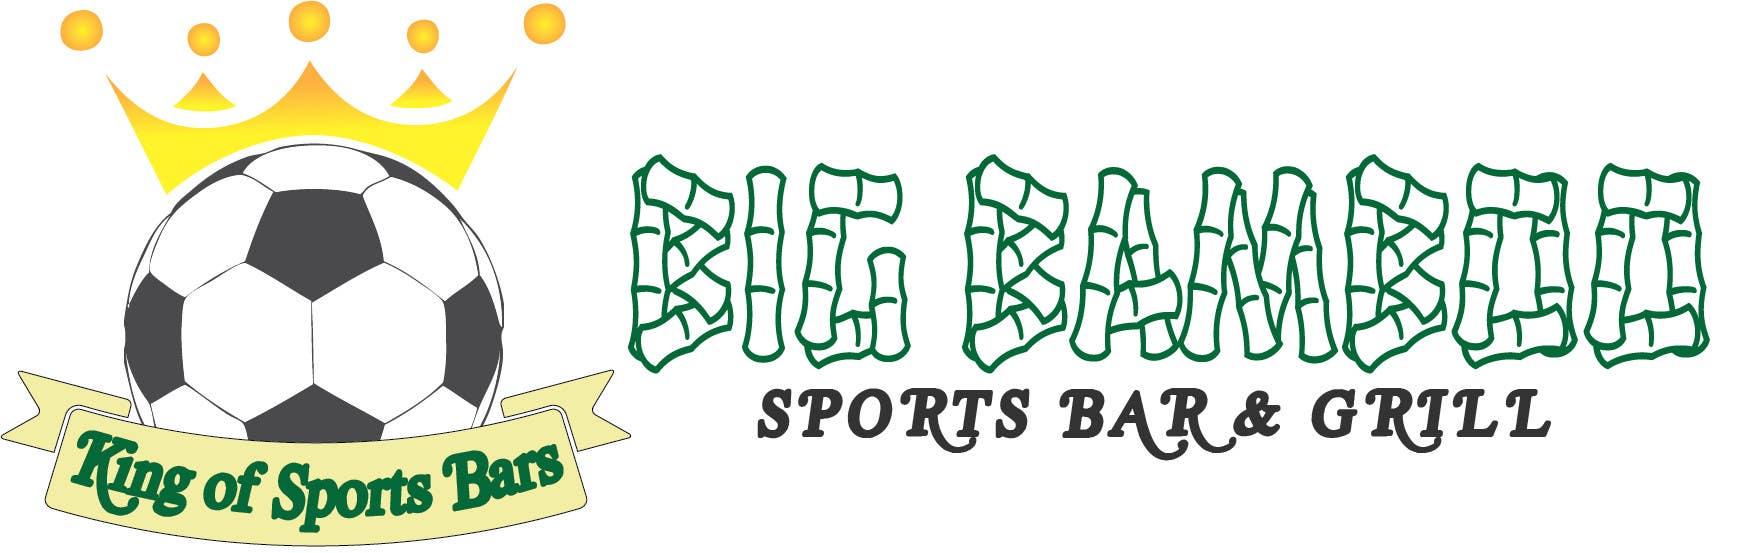 Inscrição nº 6 do Concurso para Design a Logo for my Sports Bars